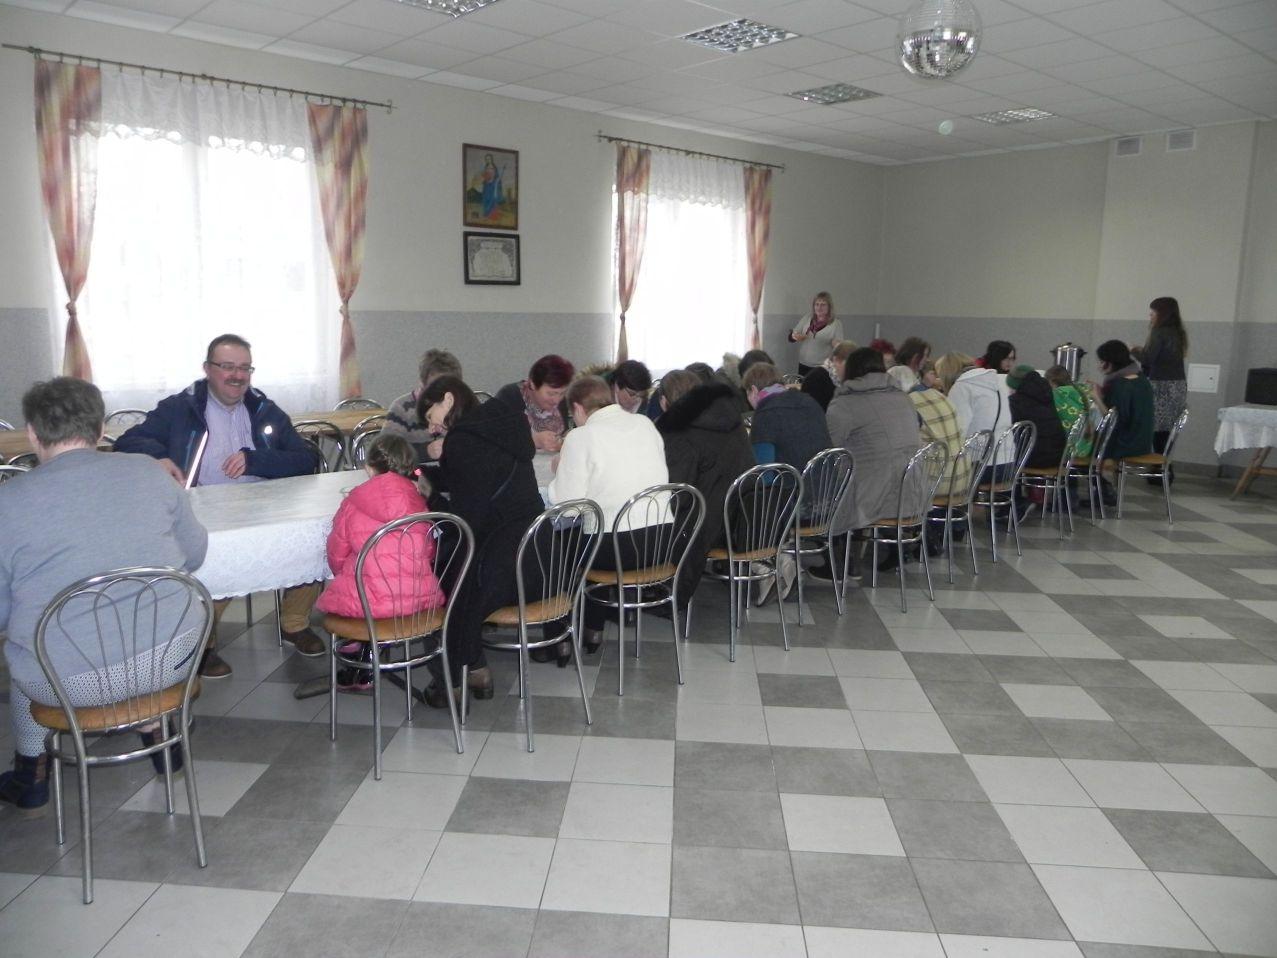 2016-02-14 Sierzchowy - Wioska Pomidorowa - testowanie (15)